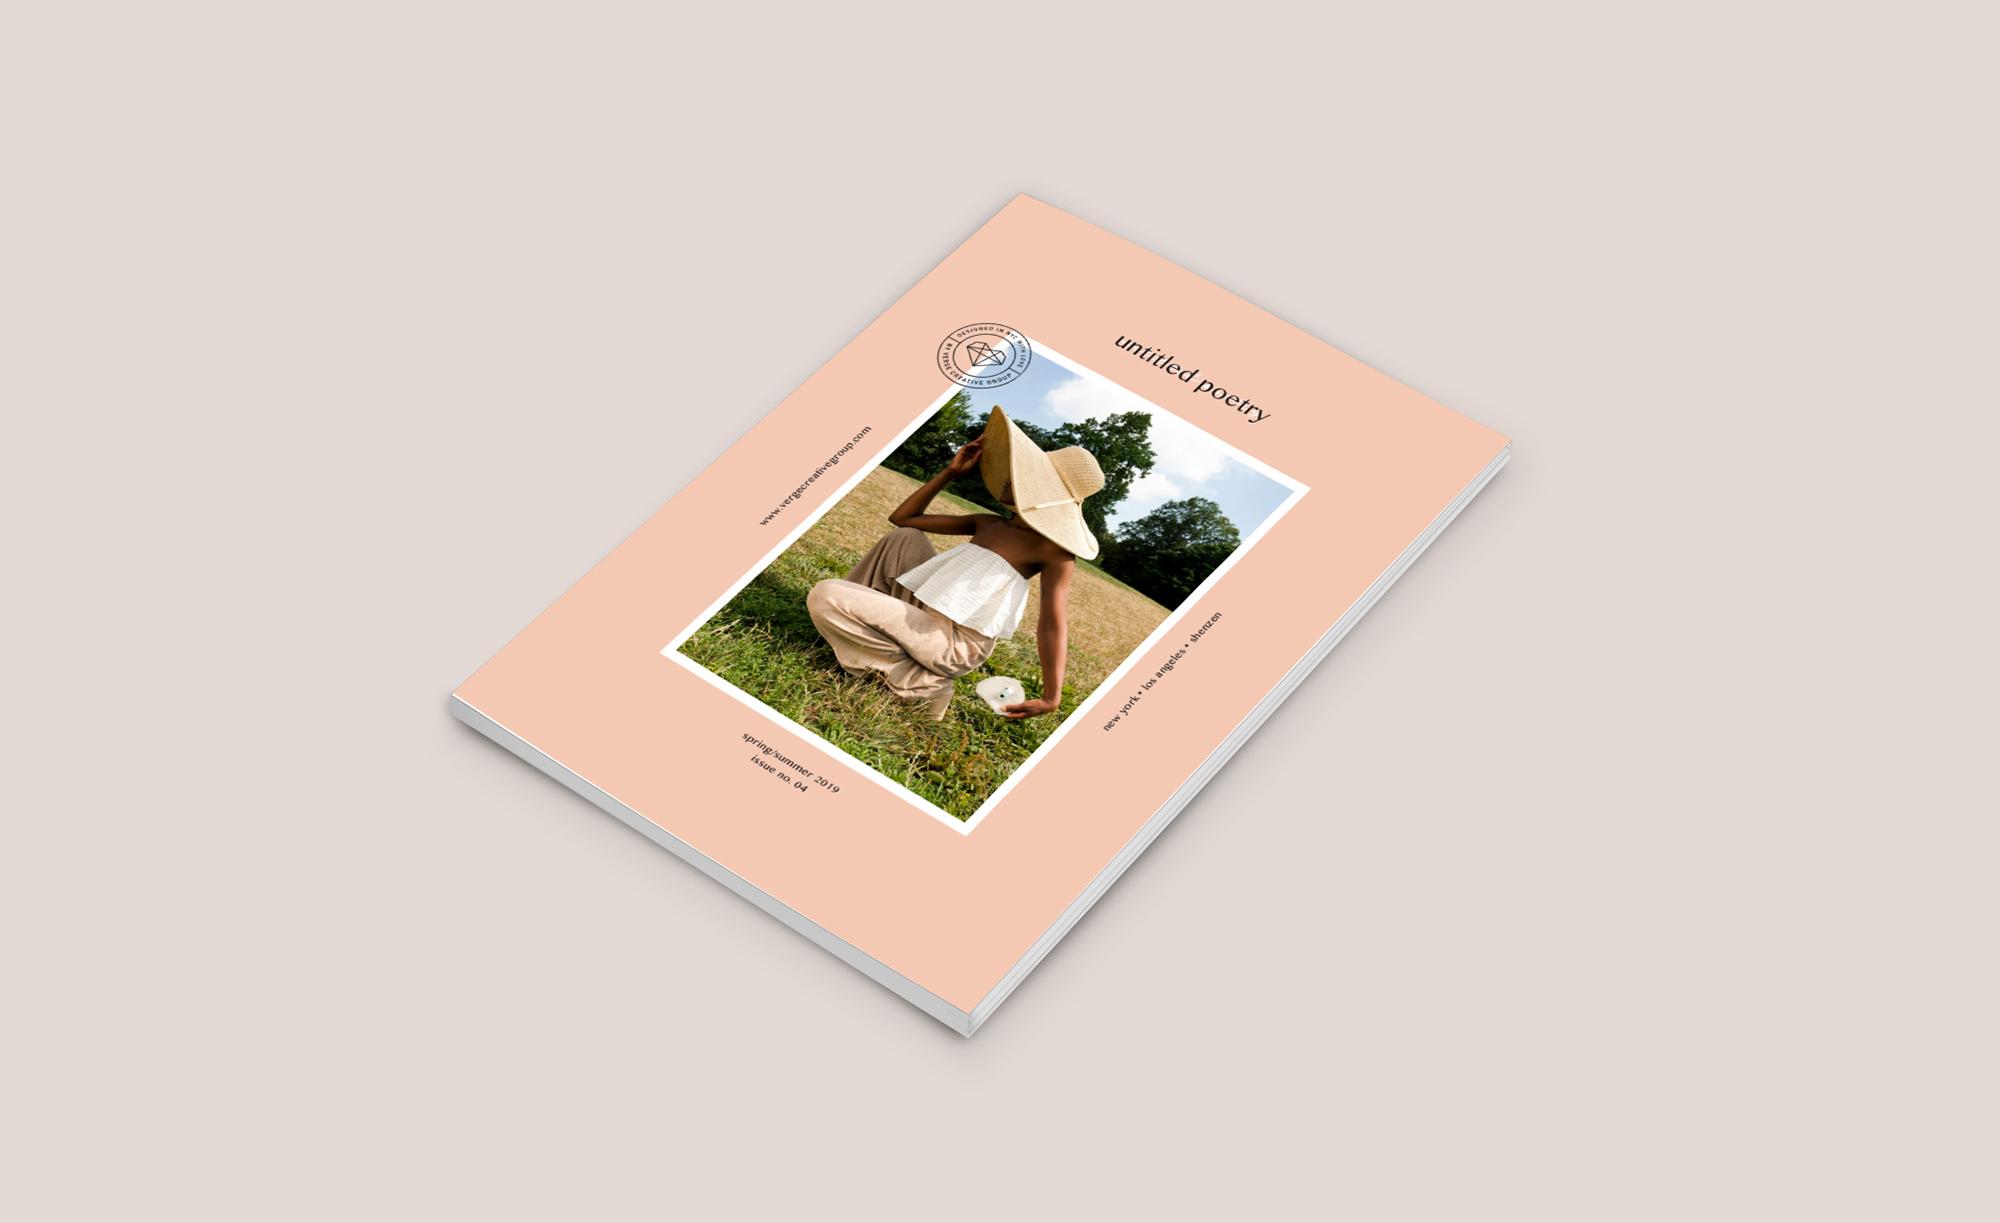 Verge-Creative-Group-Spring-Summer-2019-Lookbook.jpg